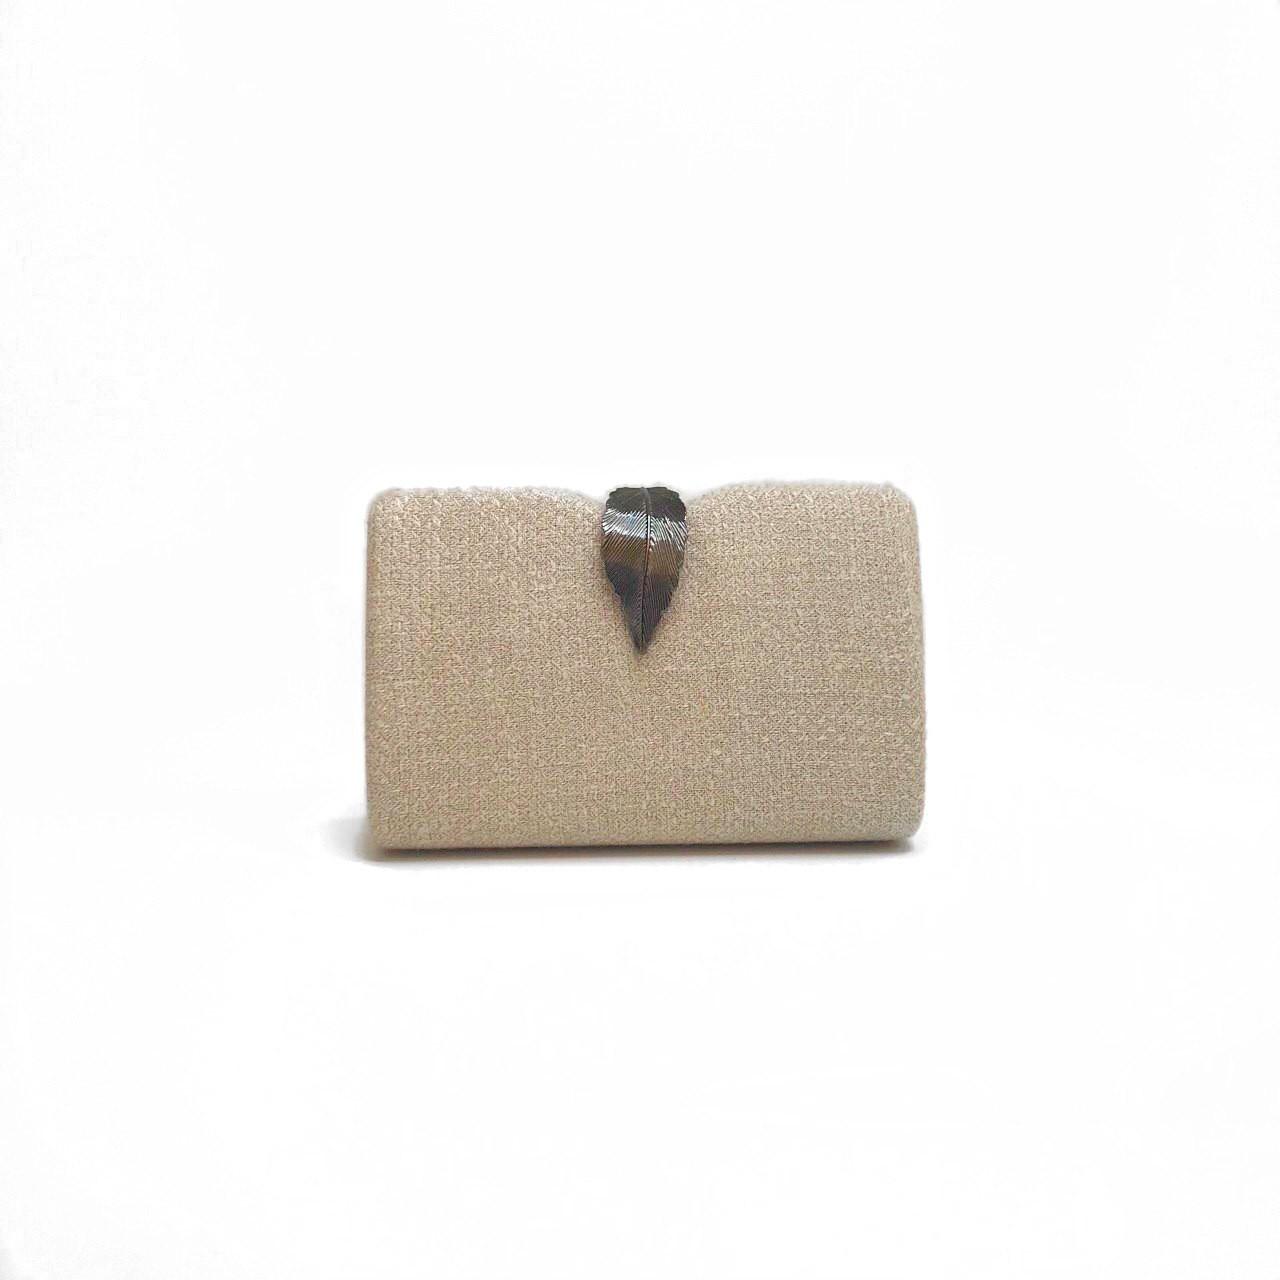 Bolsa feminina em tecido